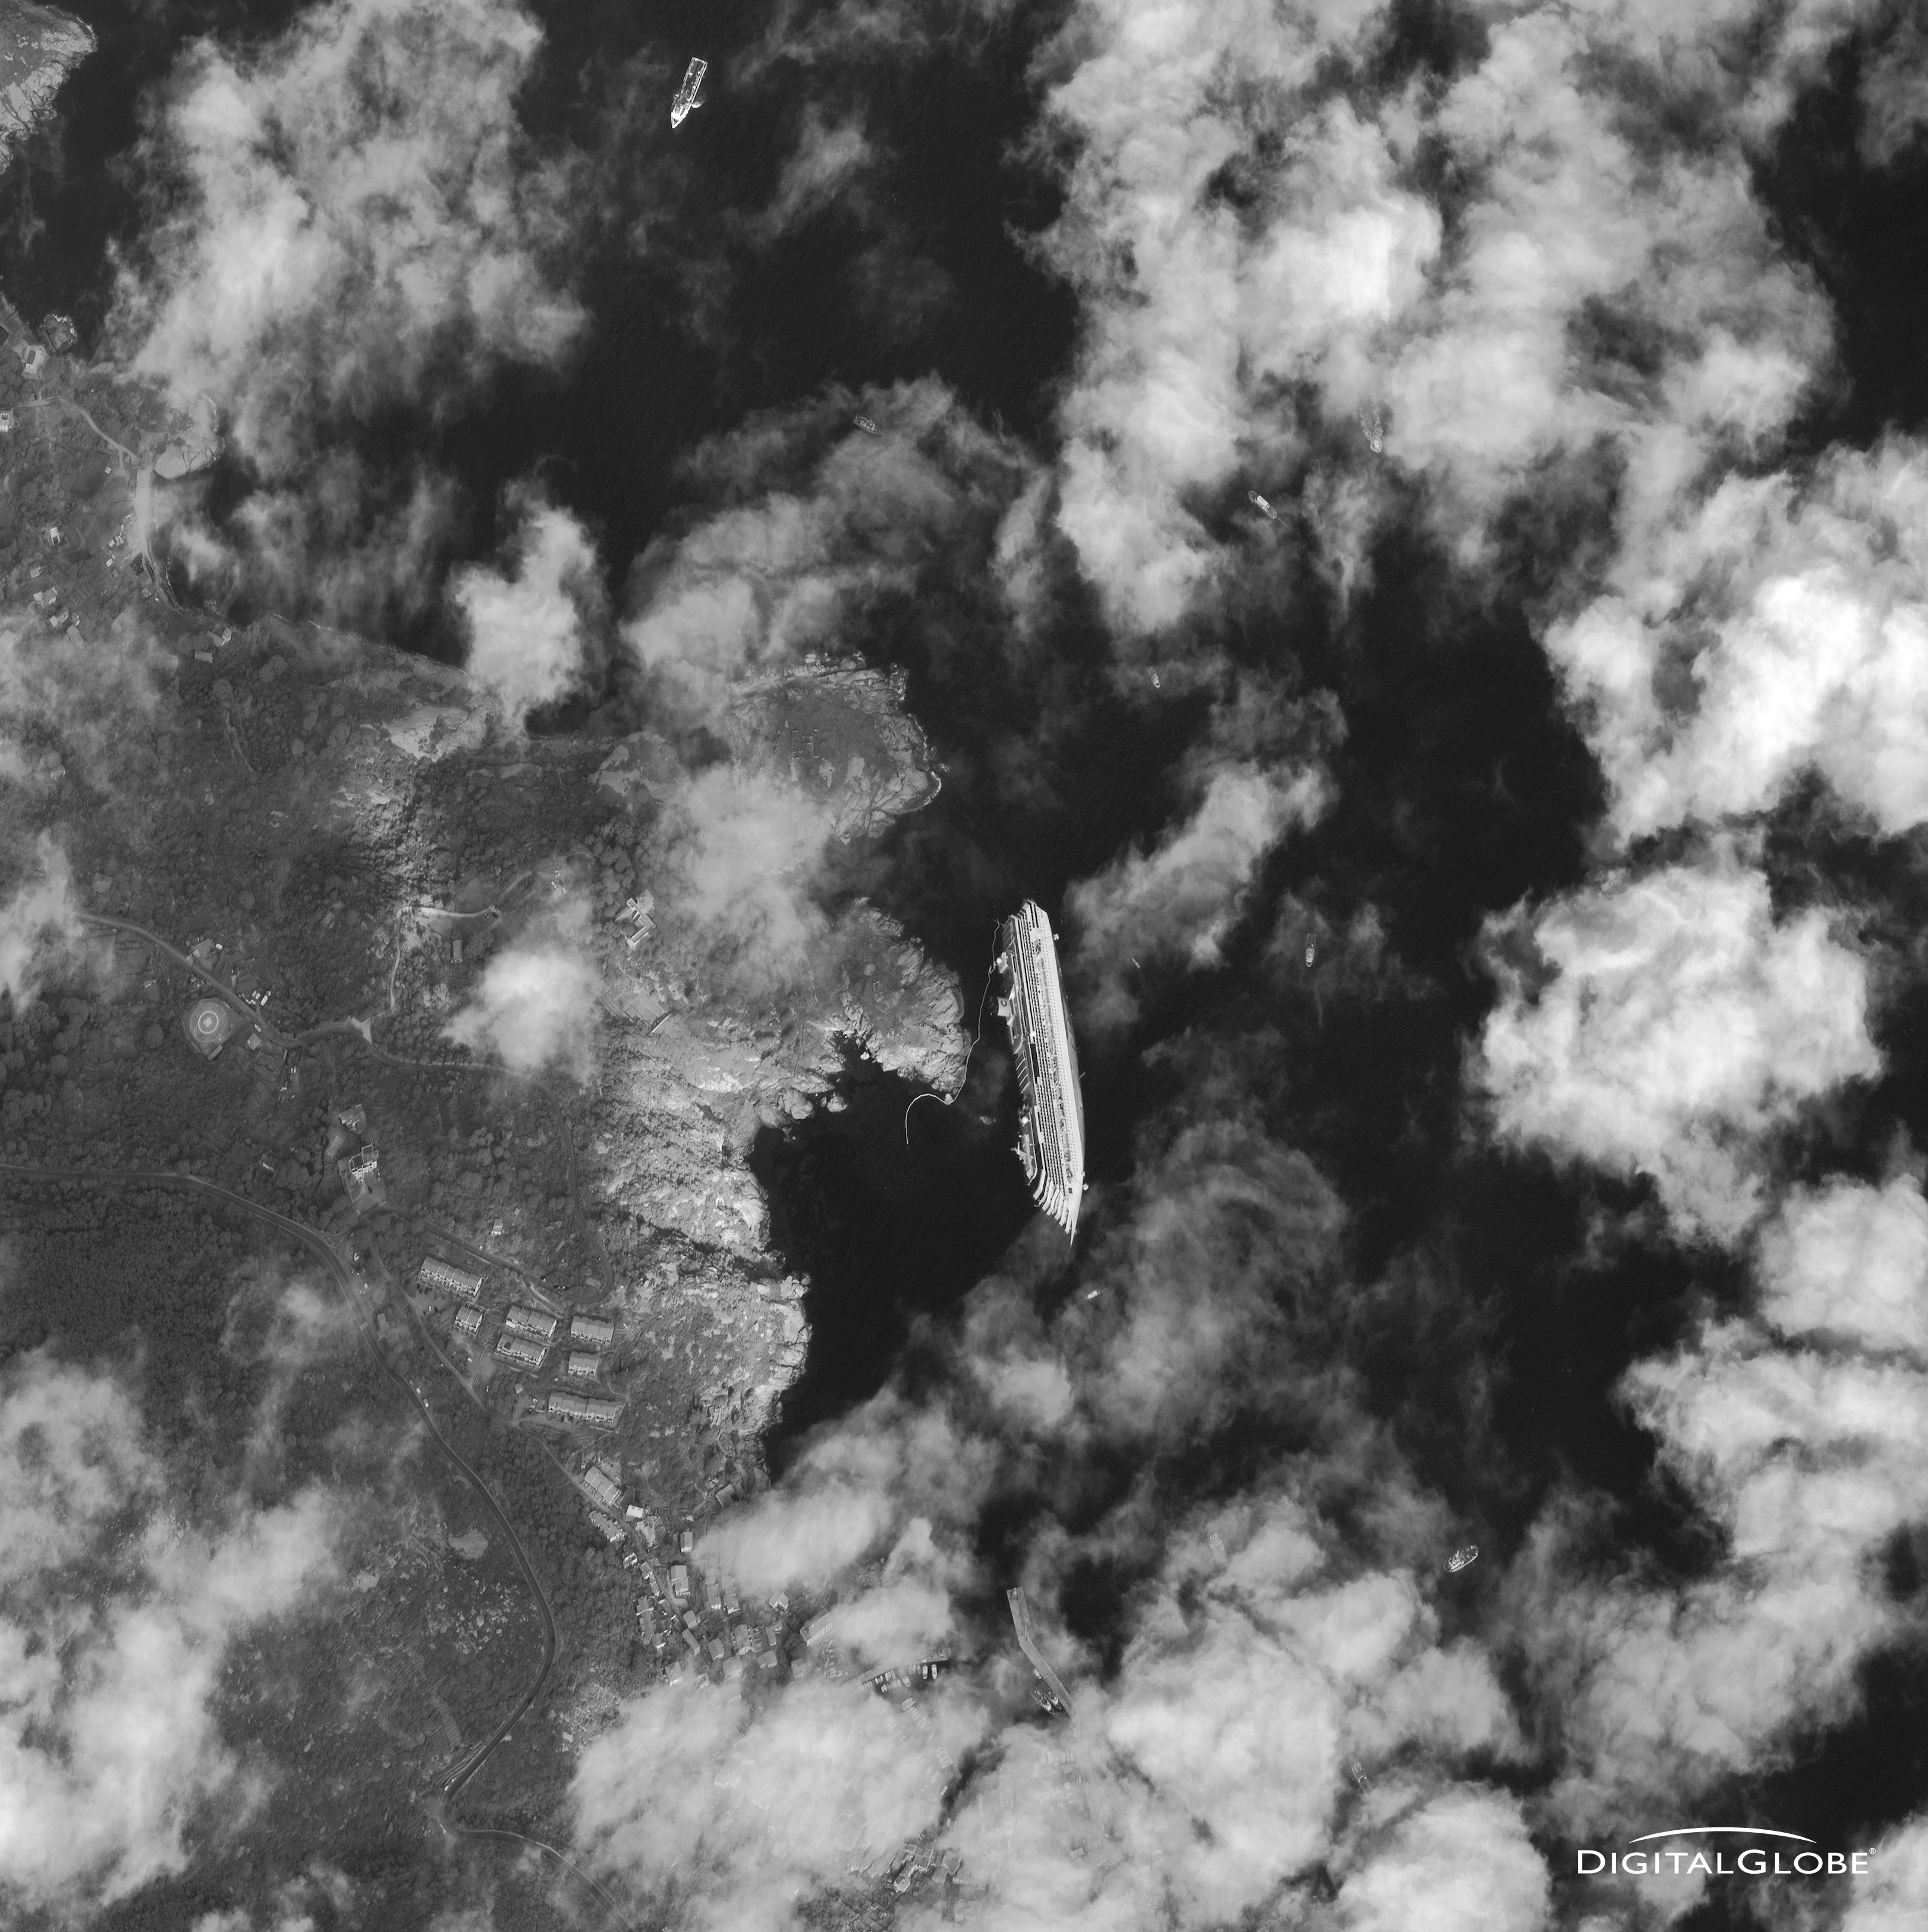 Satellite Spots Costa Concordia Shipwreck From Space